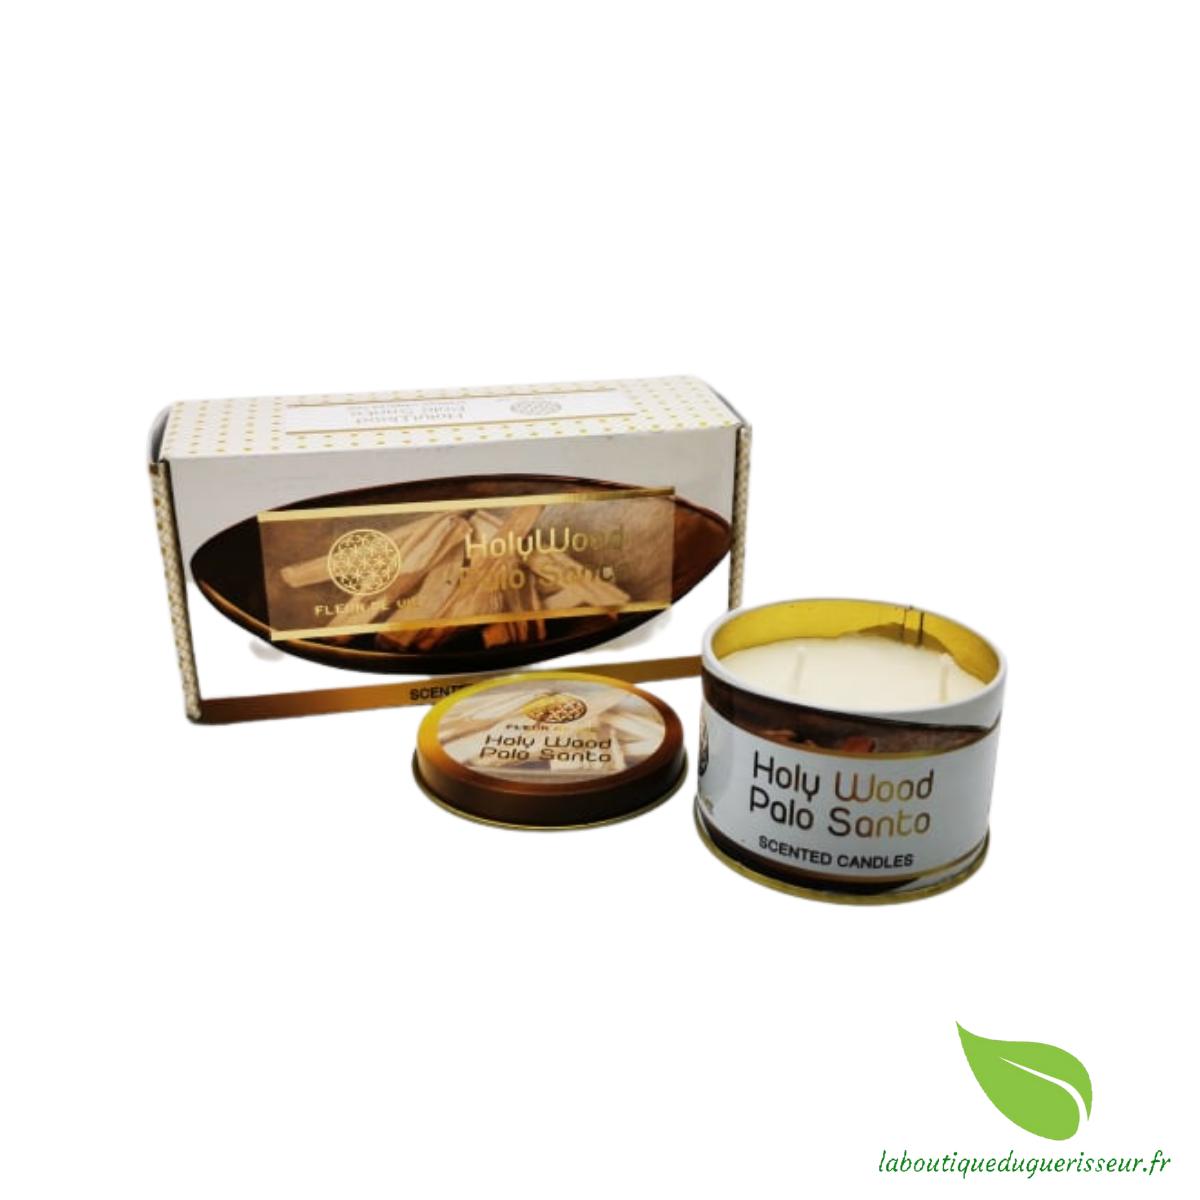 Bougie aux huiles Essentielles - Palo Santo - FLEUR DE VIE